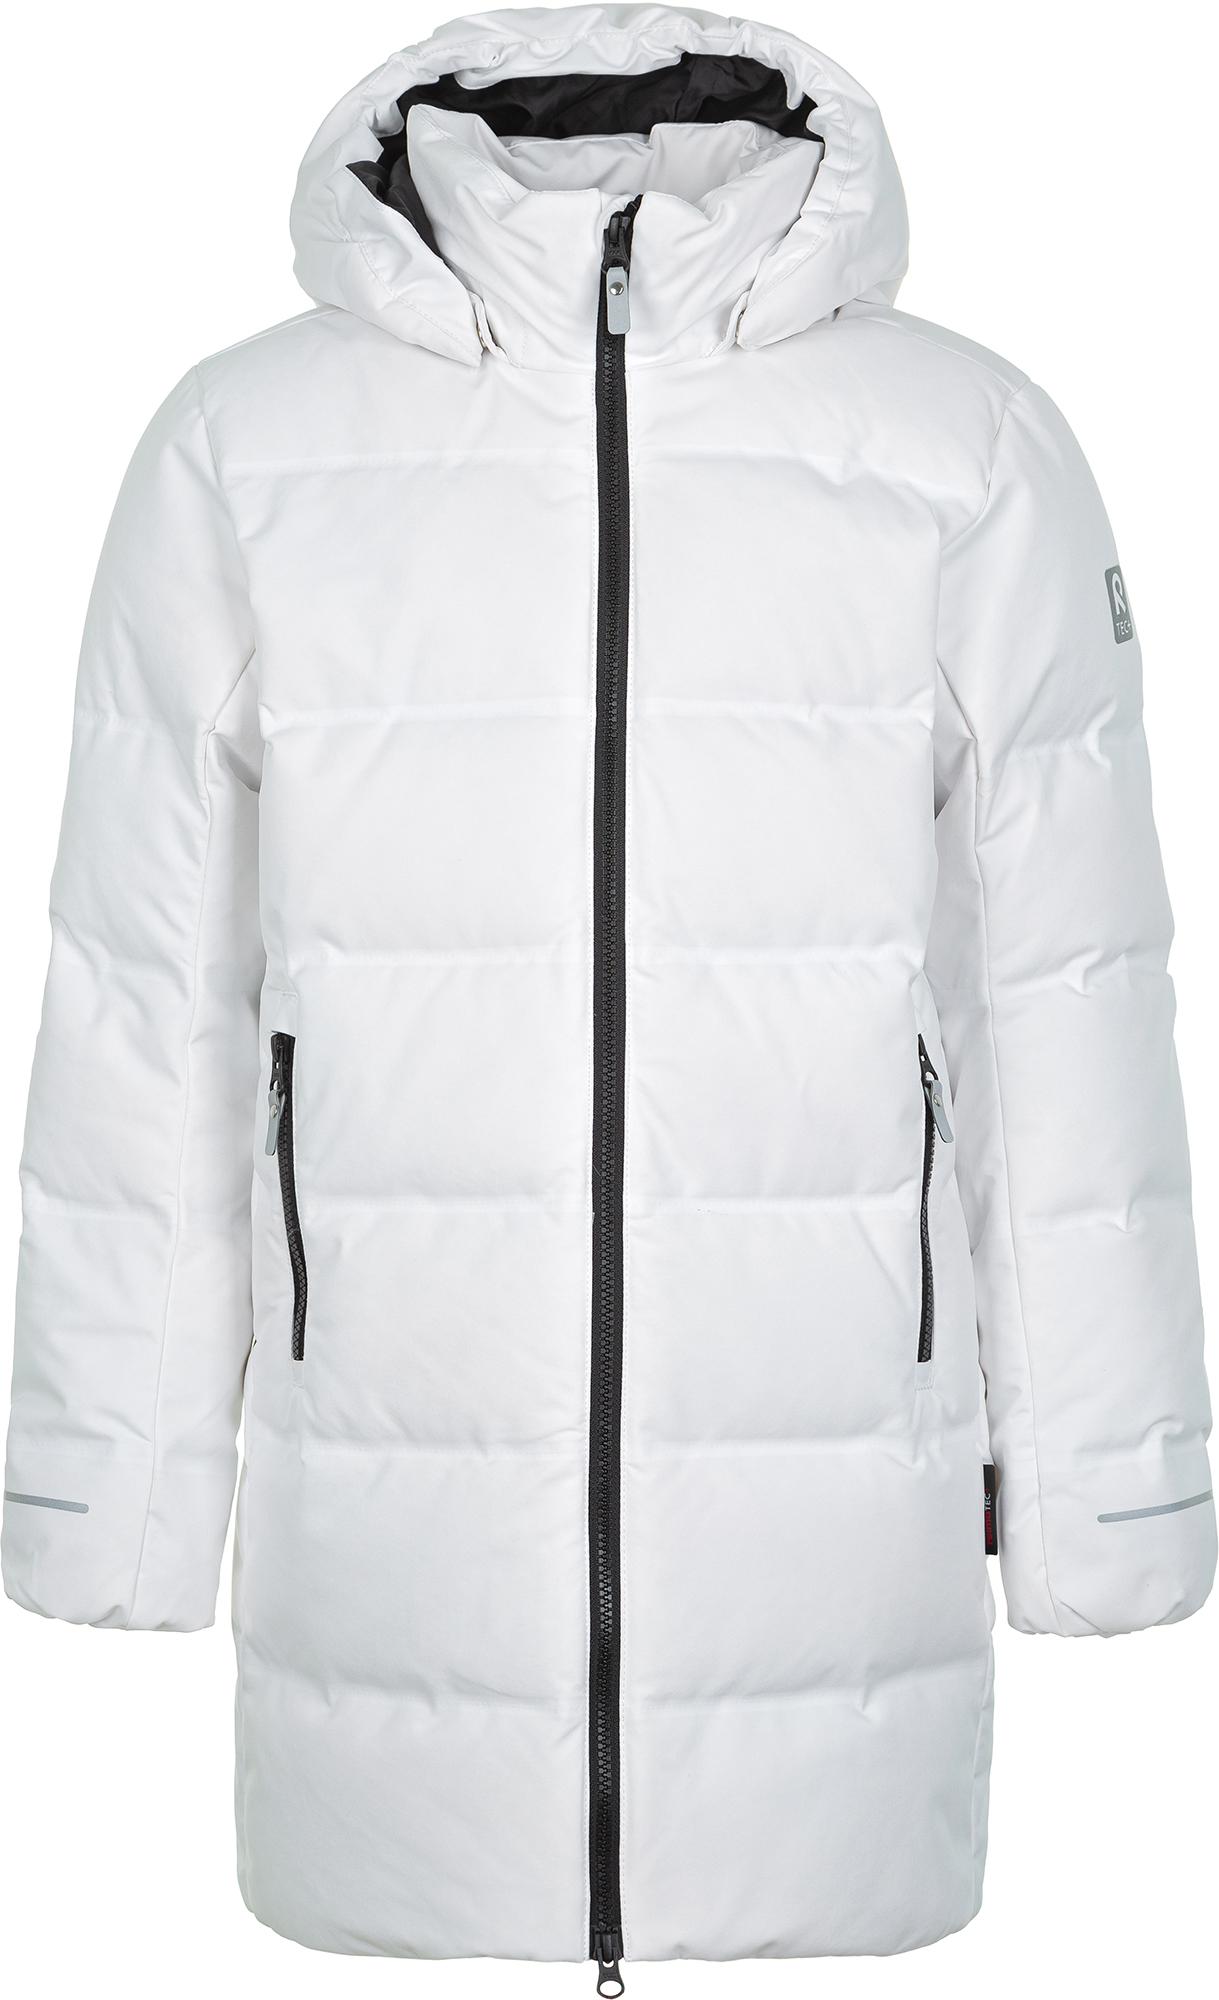 Reima Куртка пуховая для мальчиков Wisdom, размер 164